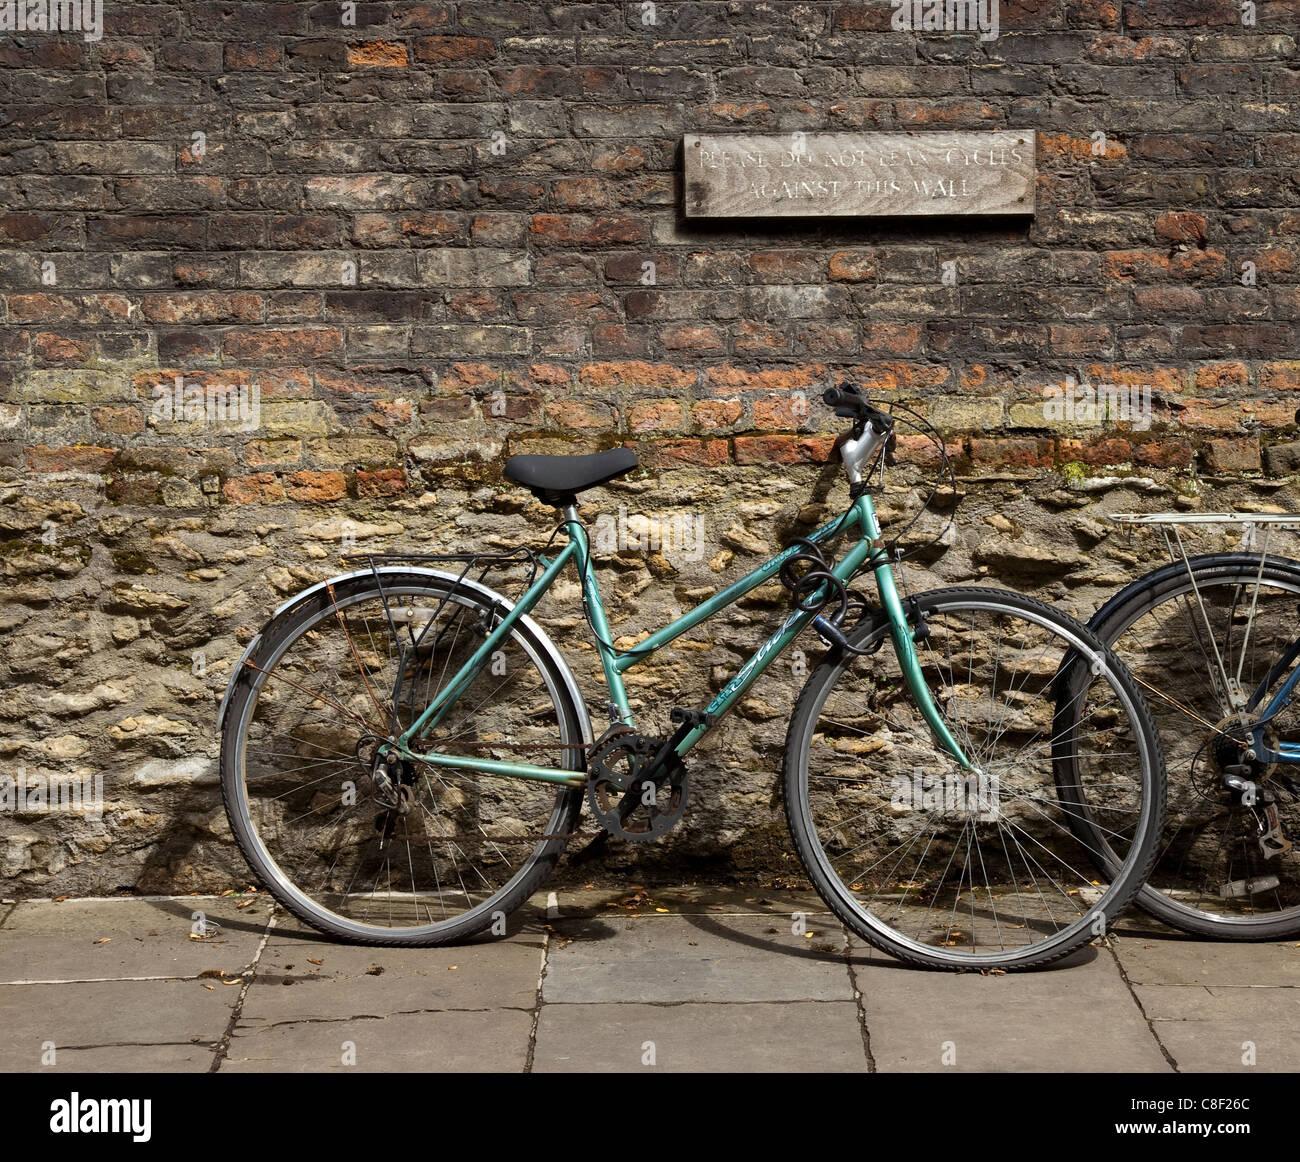 Fahrrad An Eine Wand Gelehnt Stockfoto Bild 39669012 Alamy